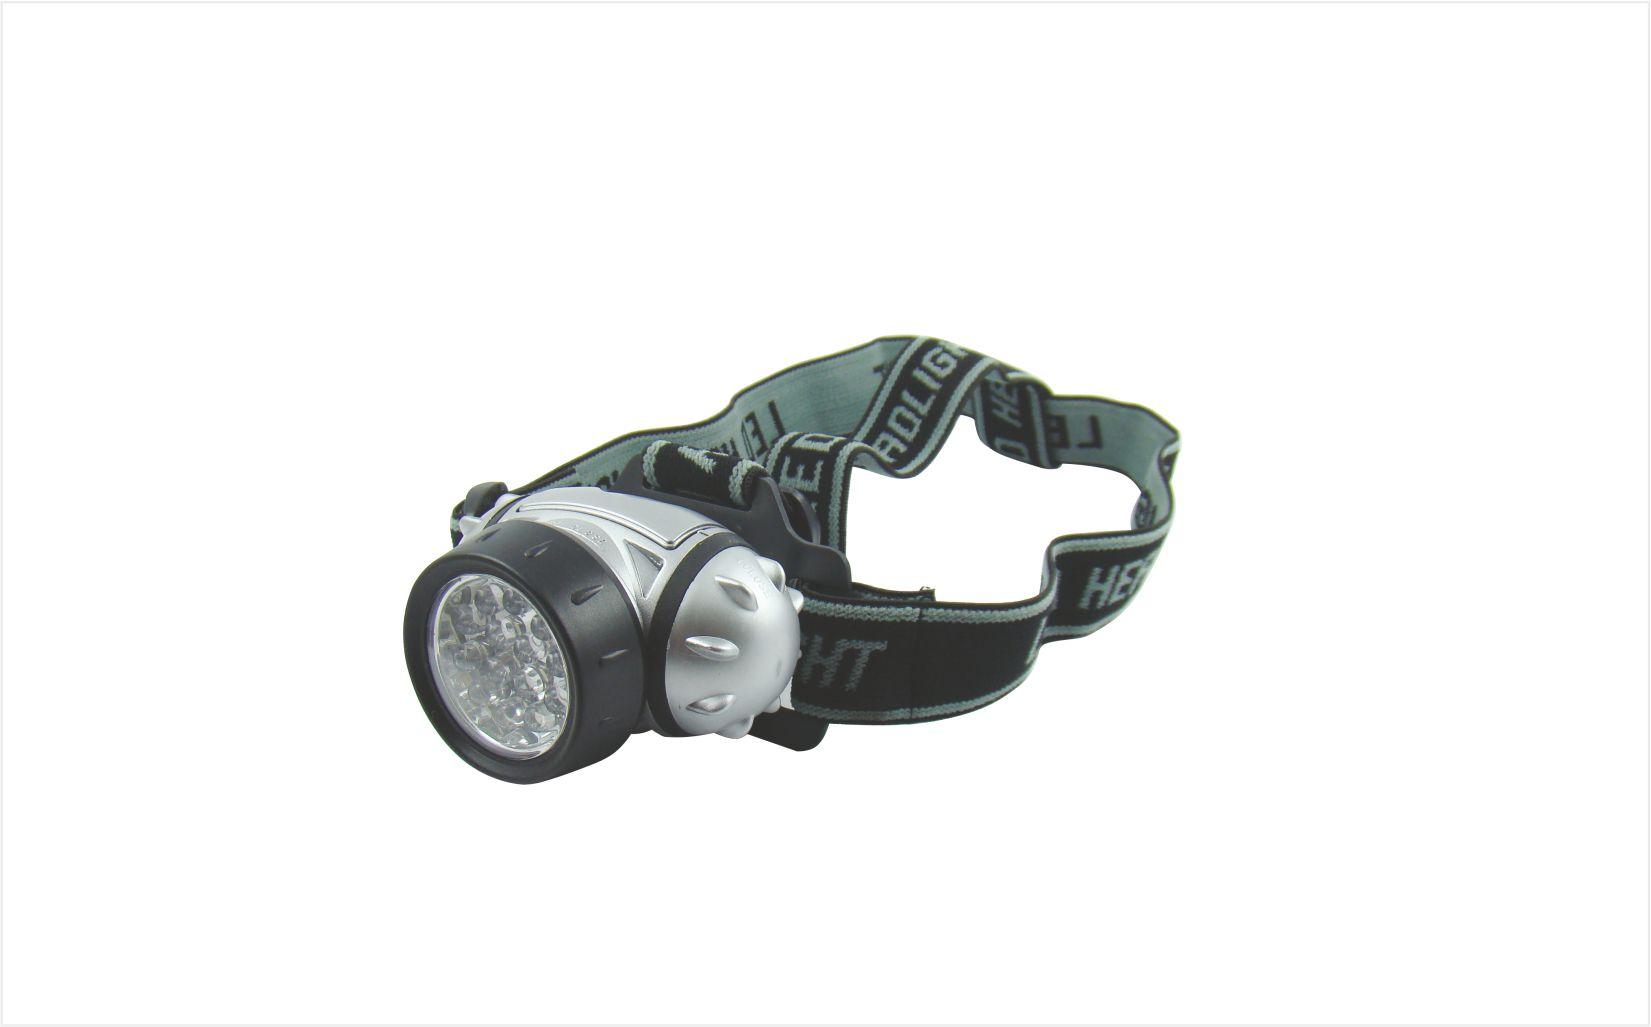 Mistrall čelovka 14 LED diod